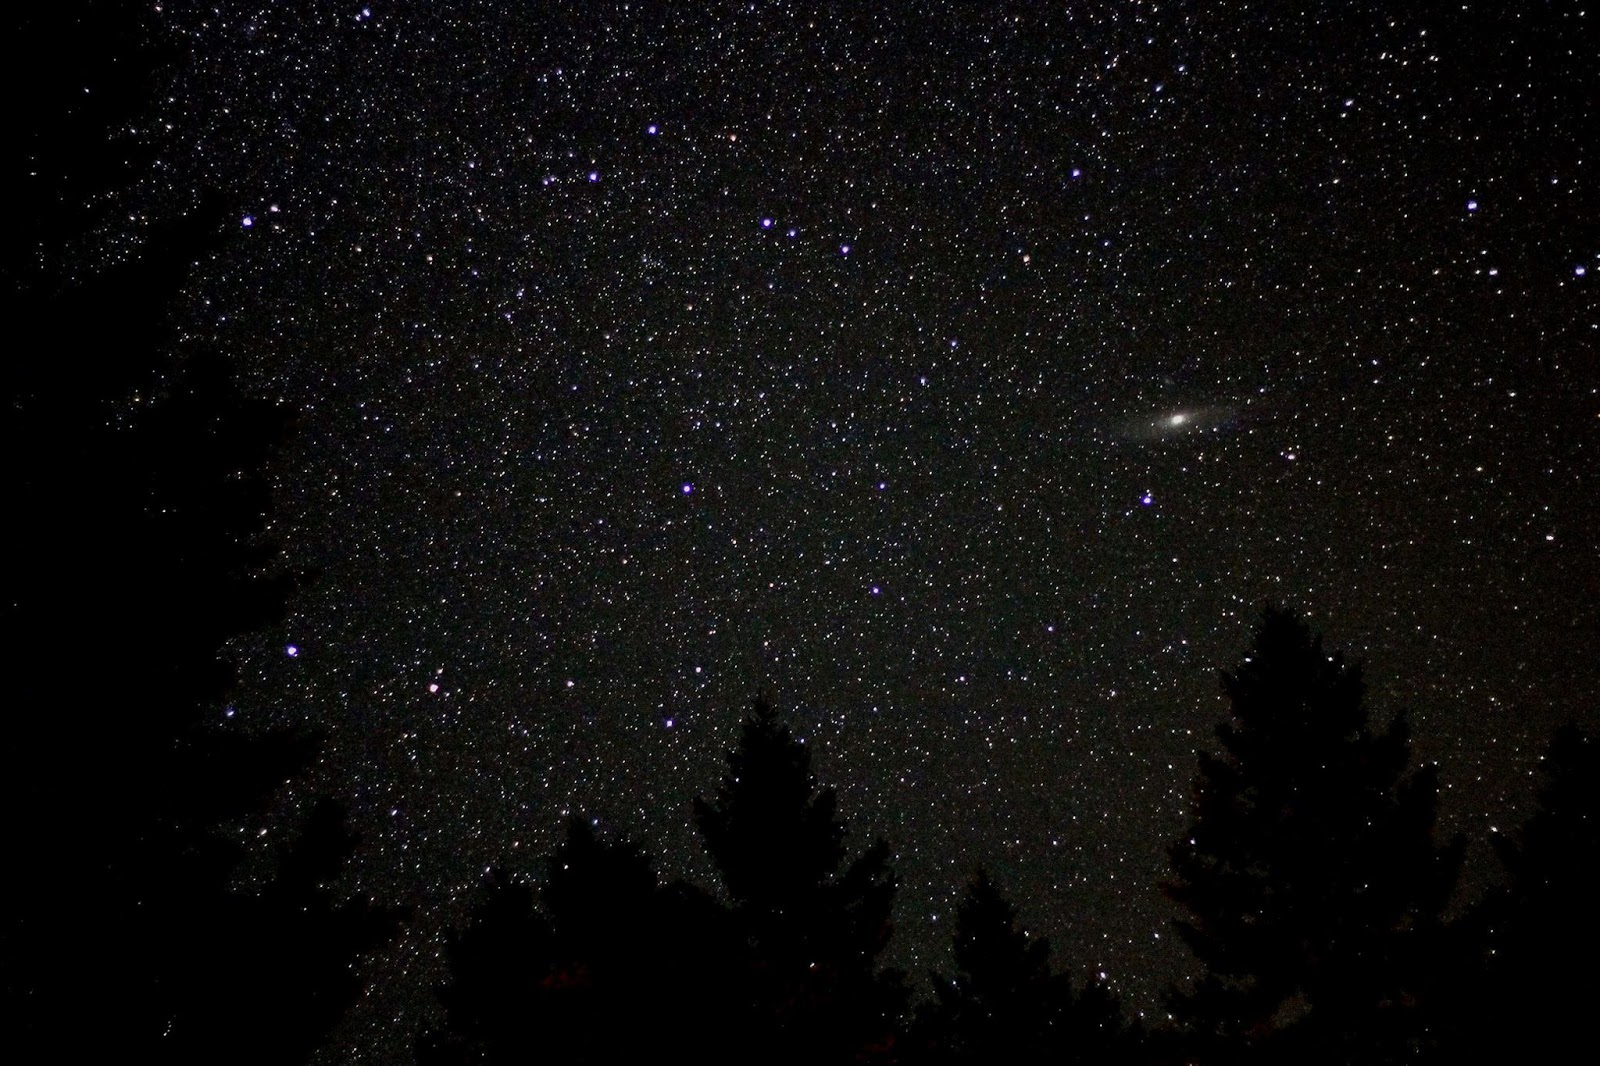 Thiên hà Tiên Nữ trên bầu trời khu cắm trại Montana vào giữa tháng 8 năm 2012. Tác giả : Ted Van.